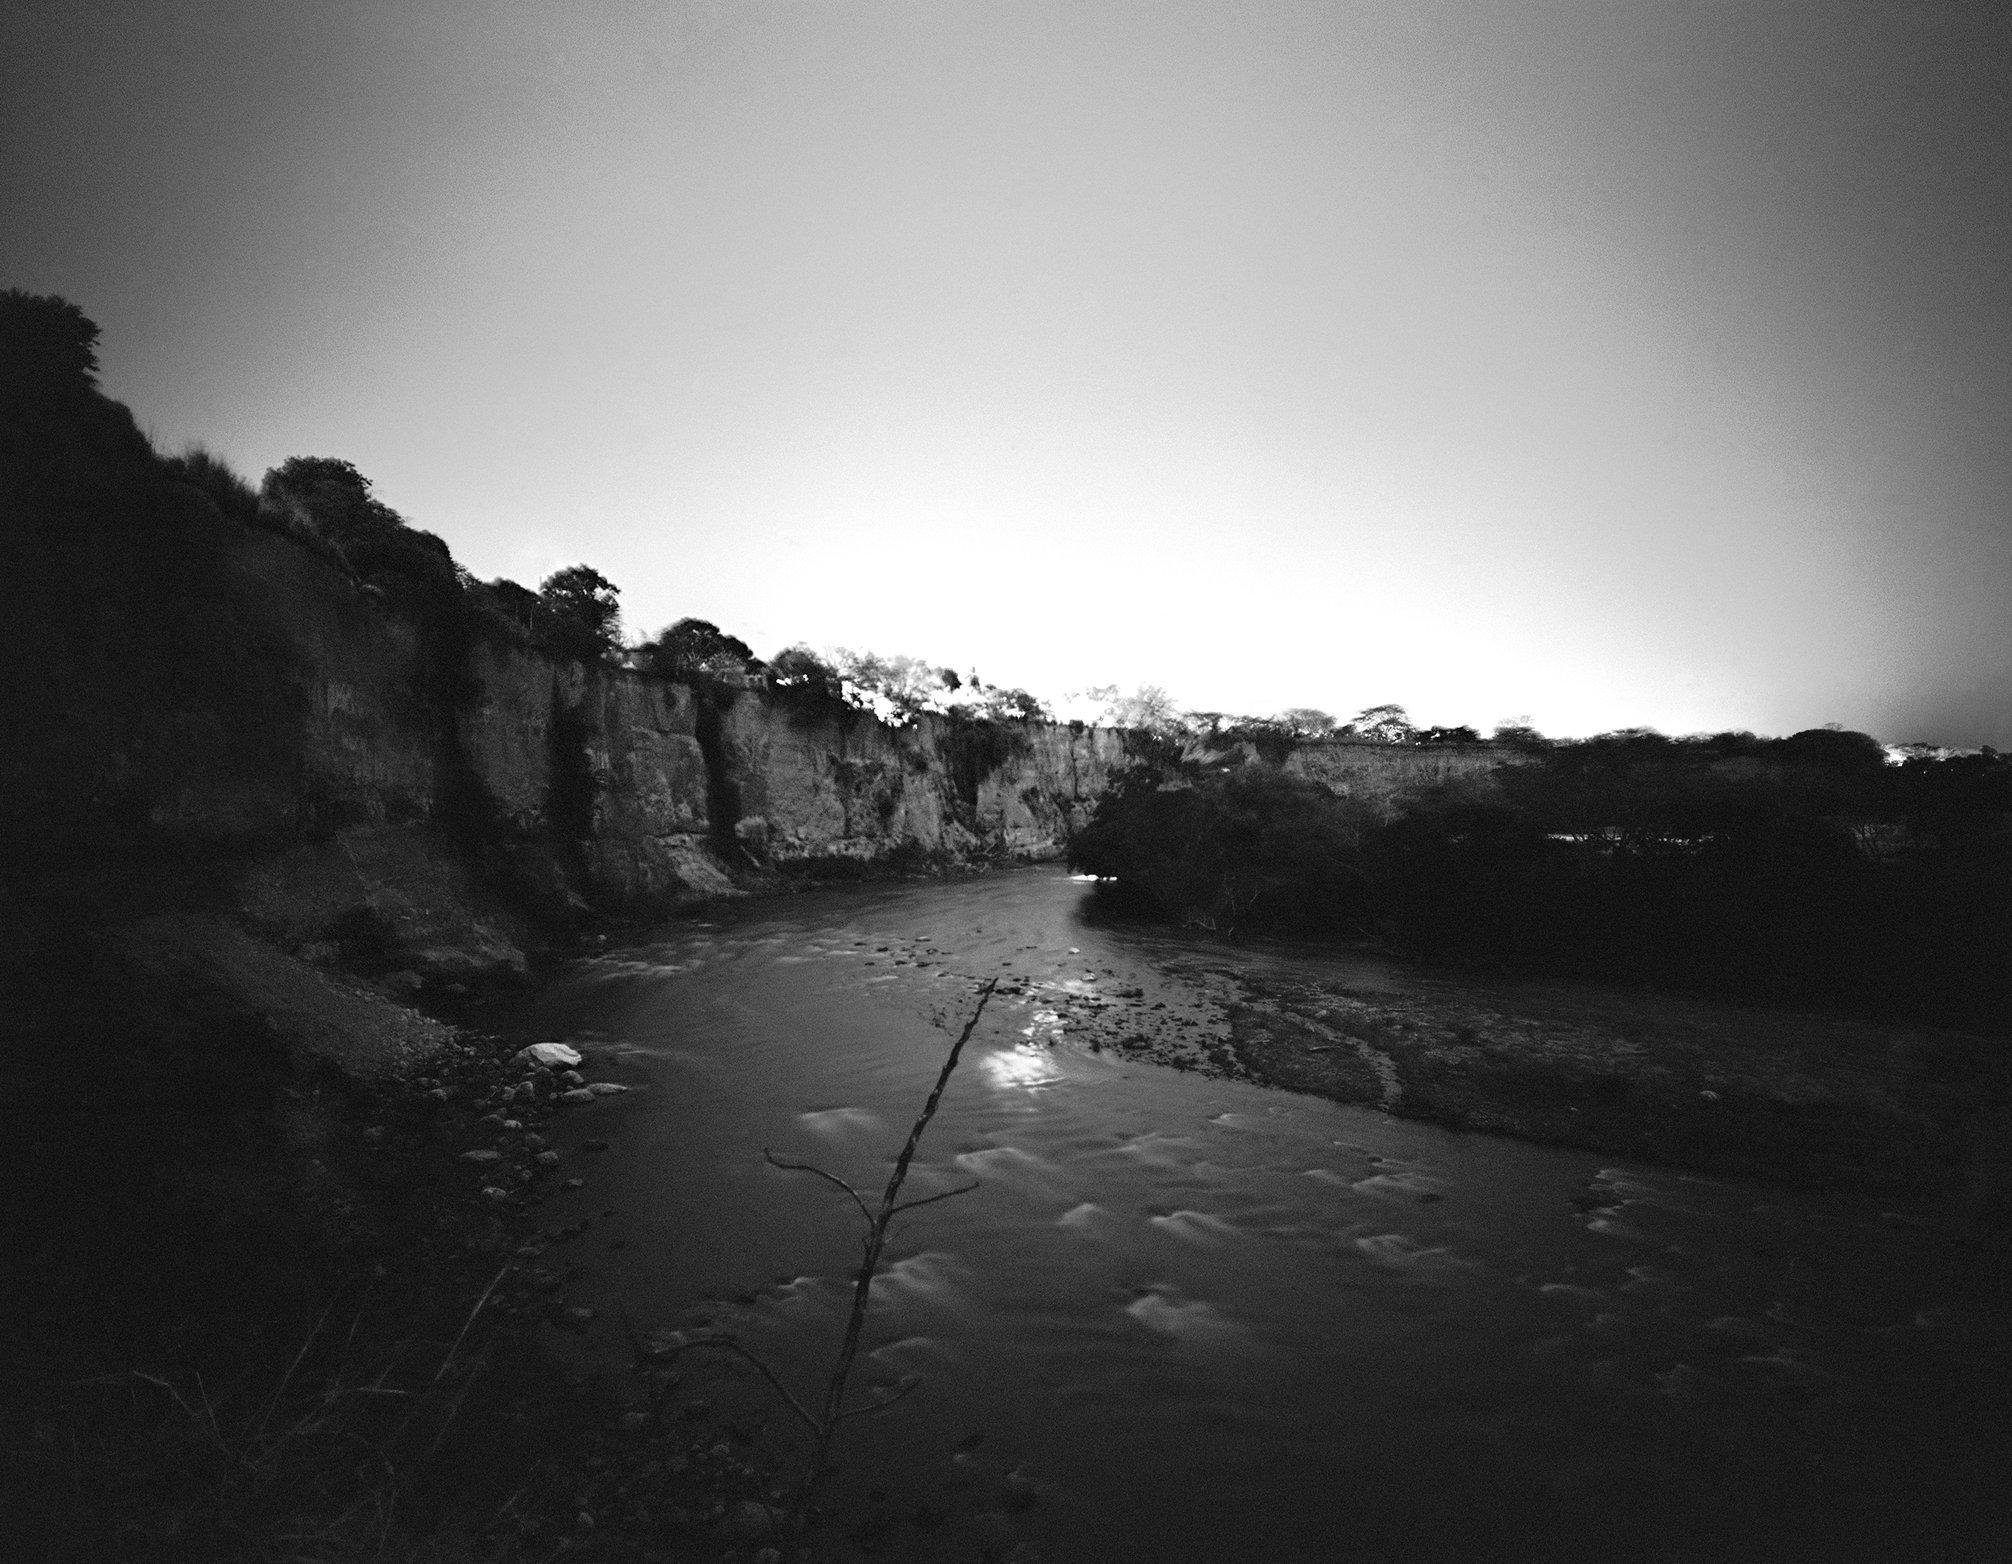 Acantilado sobre el Rio Gualí, Tolima, 9.30 pm.